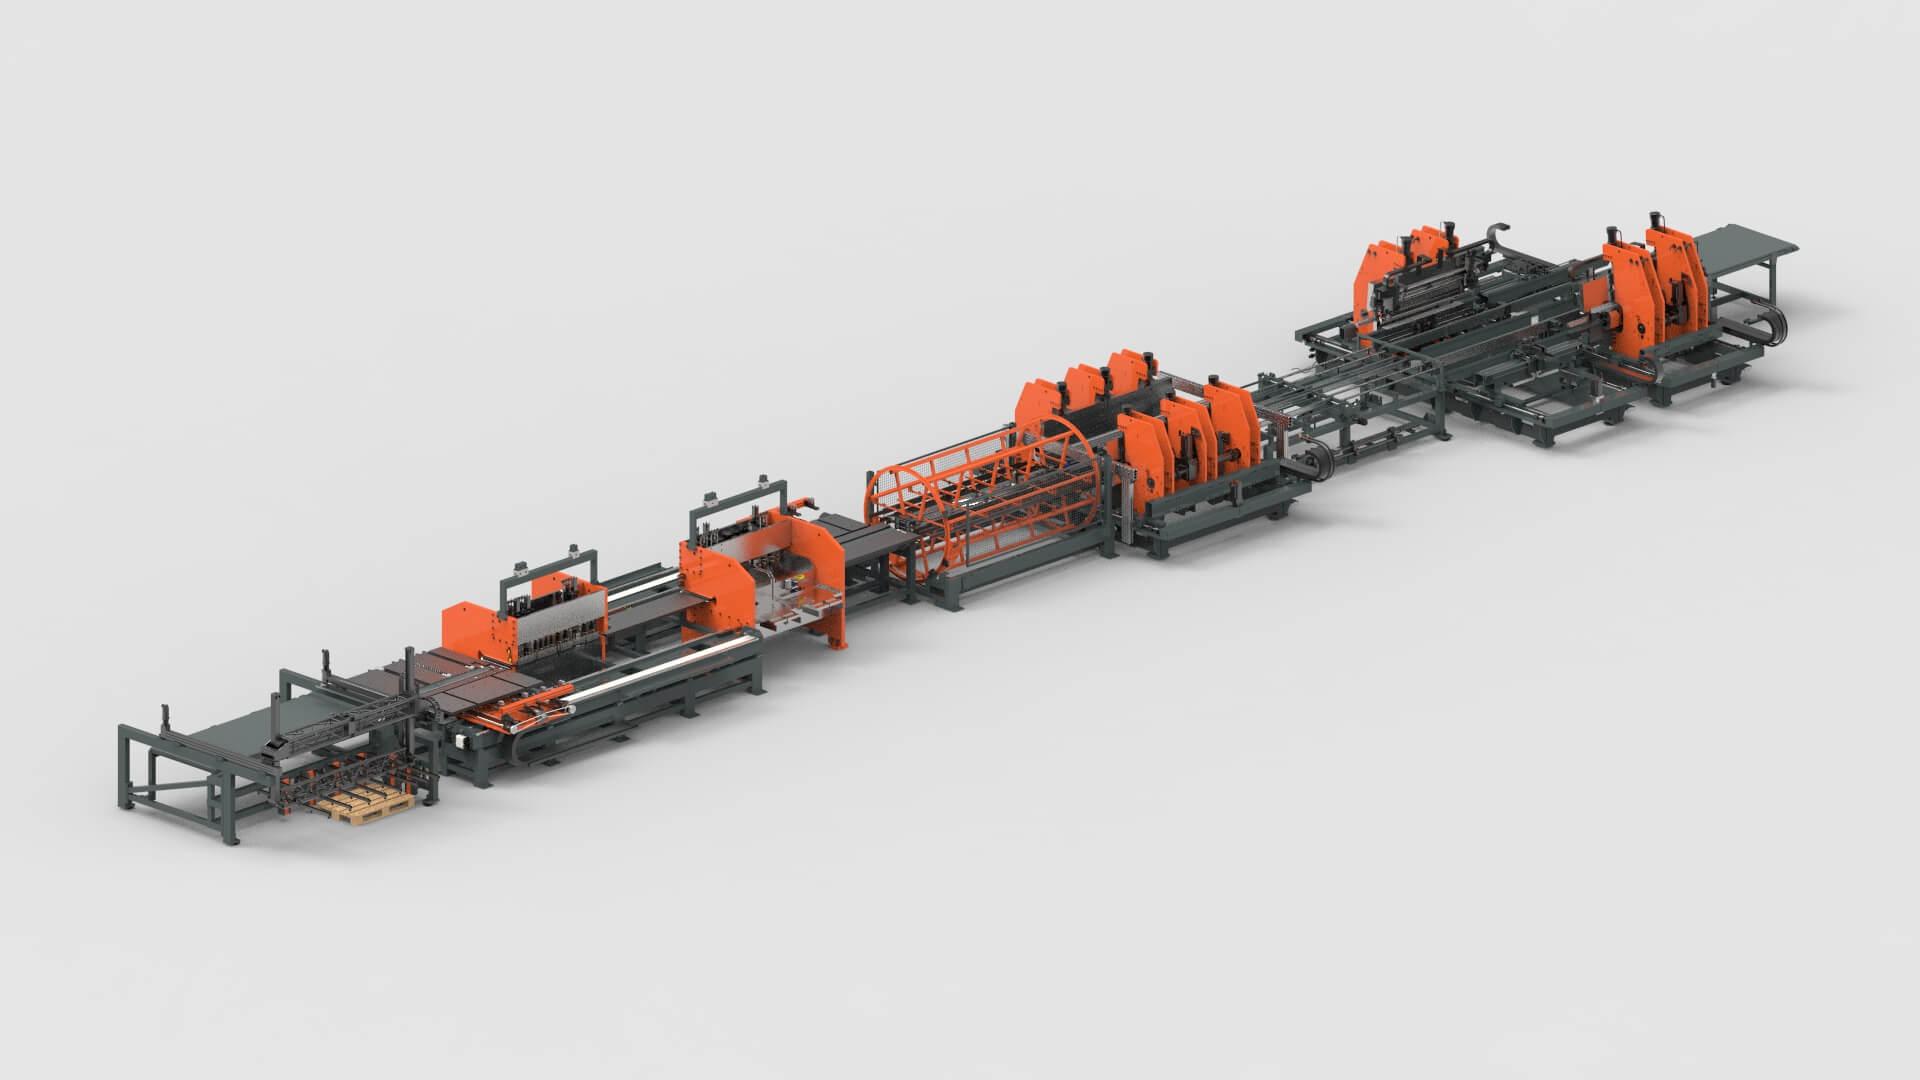 wemo-stahlschränke-blechbearbeitung-stanzen-biegen-produktionslinie.jpg